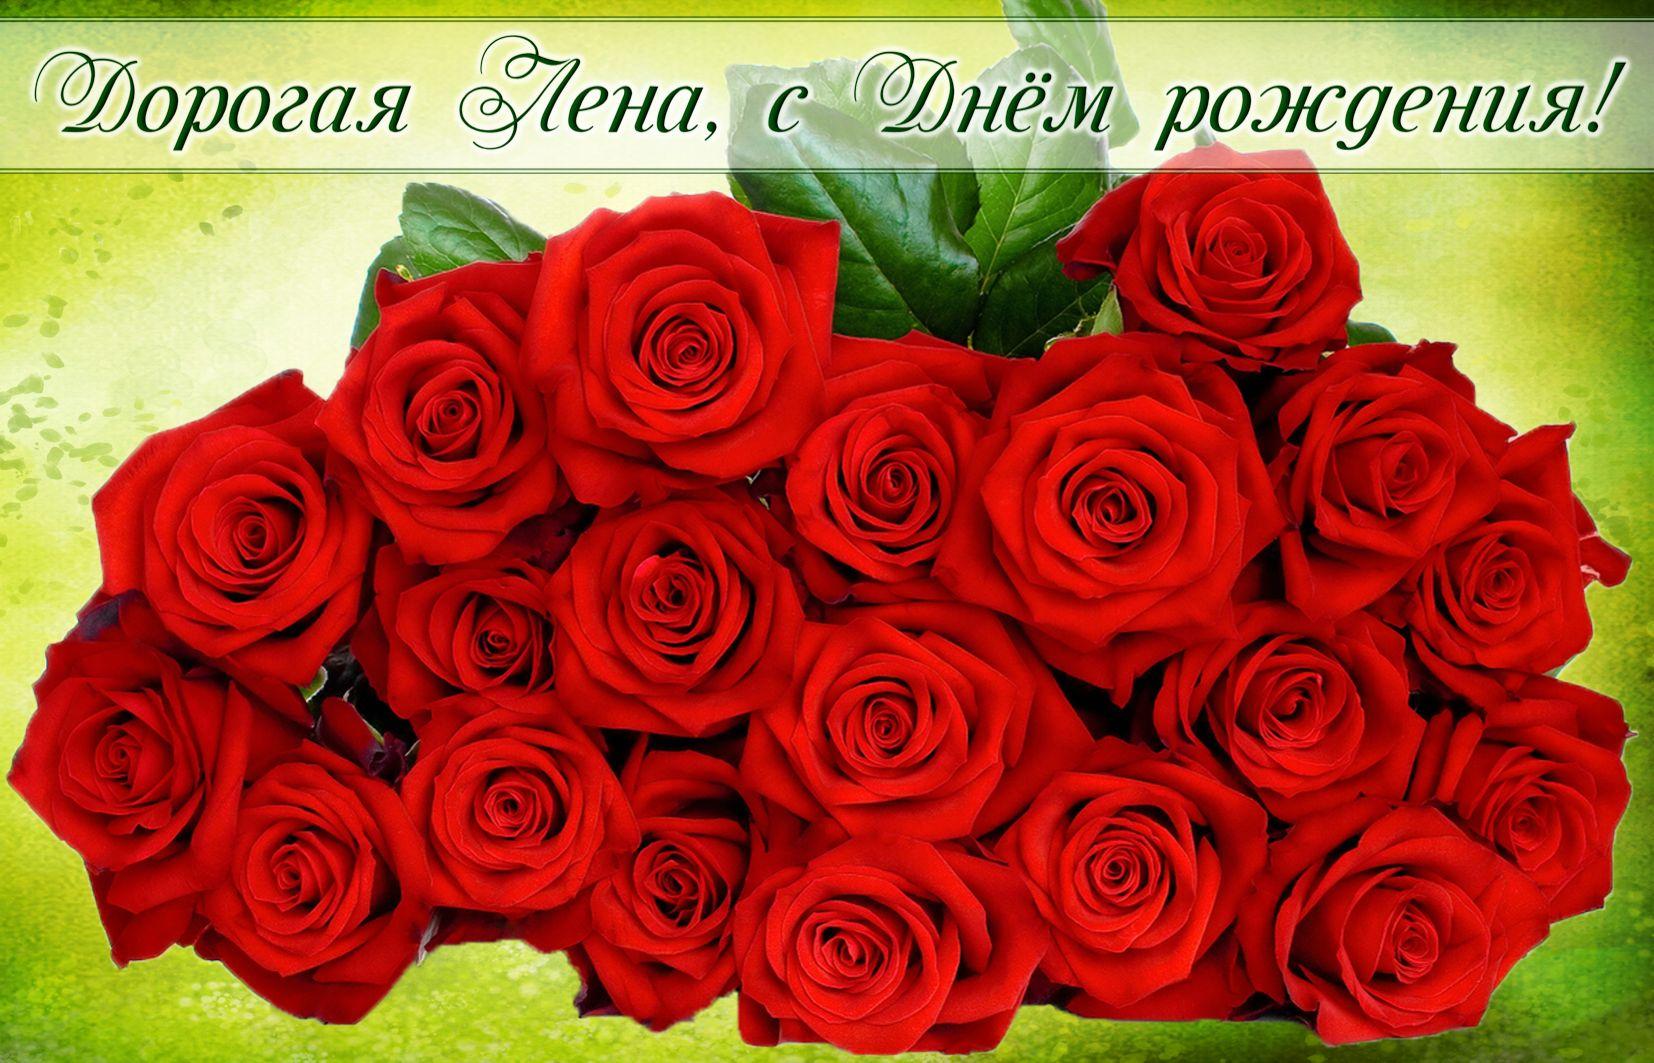 Украинской символикой, марина с днем рождения открытка с цветами букет